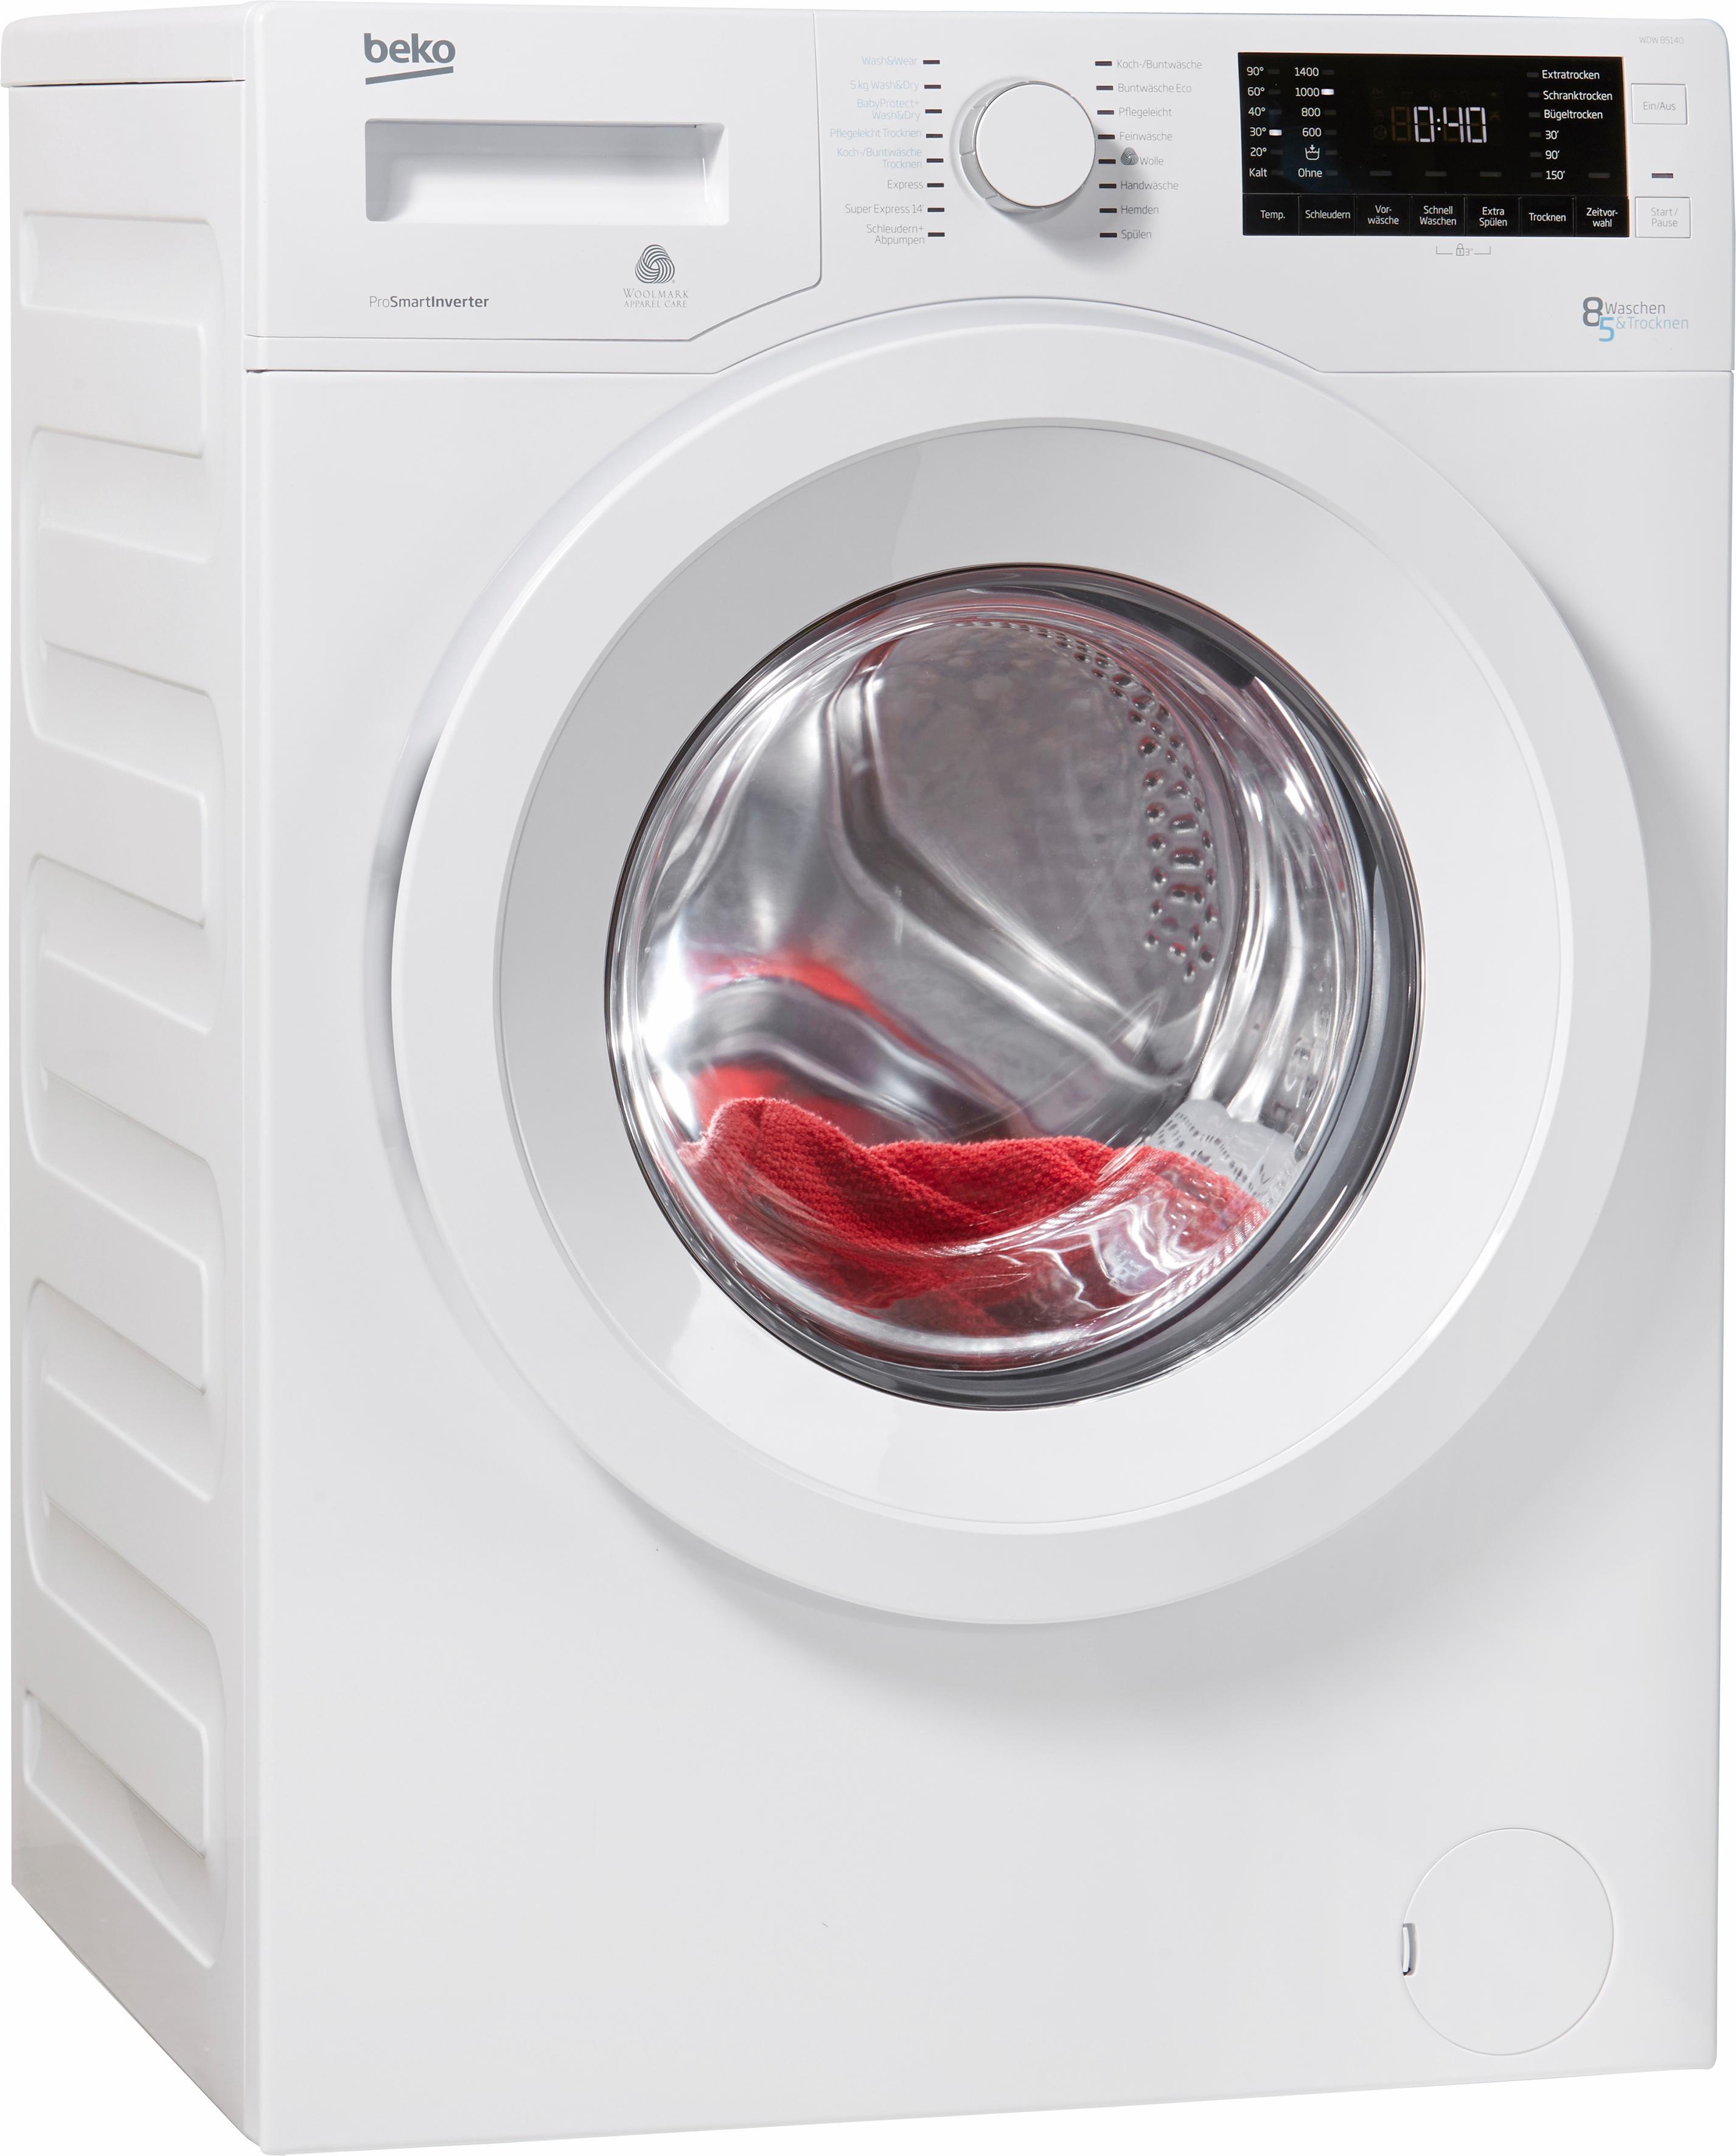 BEKO Waschtrockner WDW 85140, 8 kg / 5 kg, 1400 U/Min